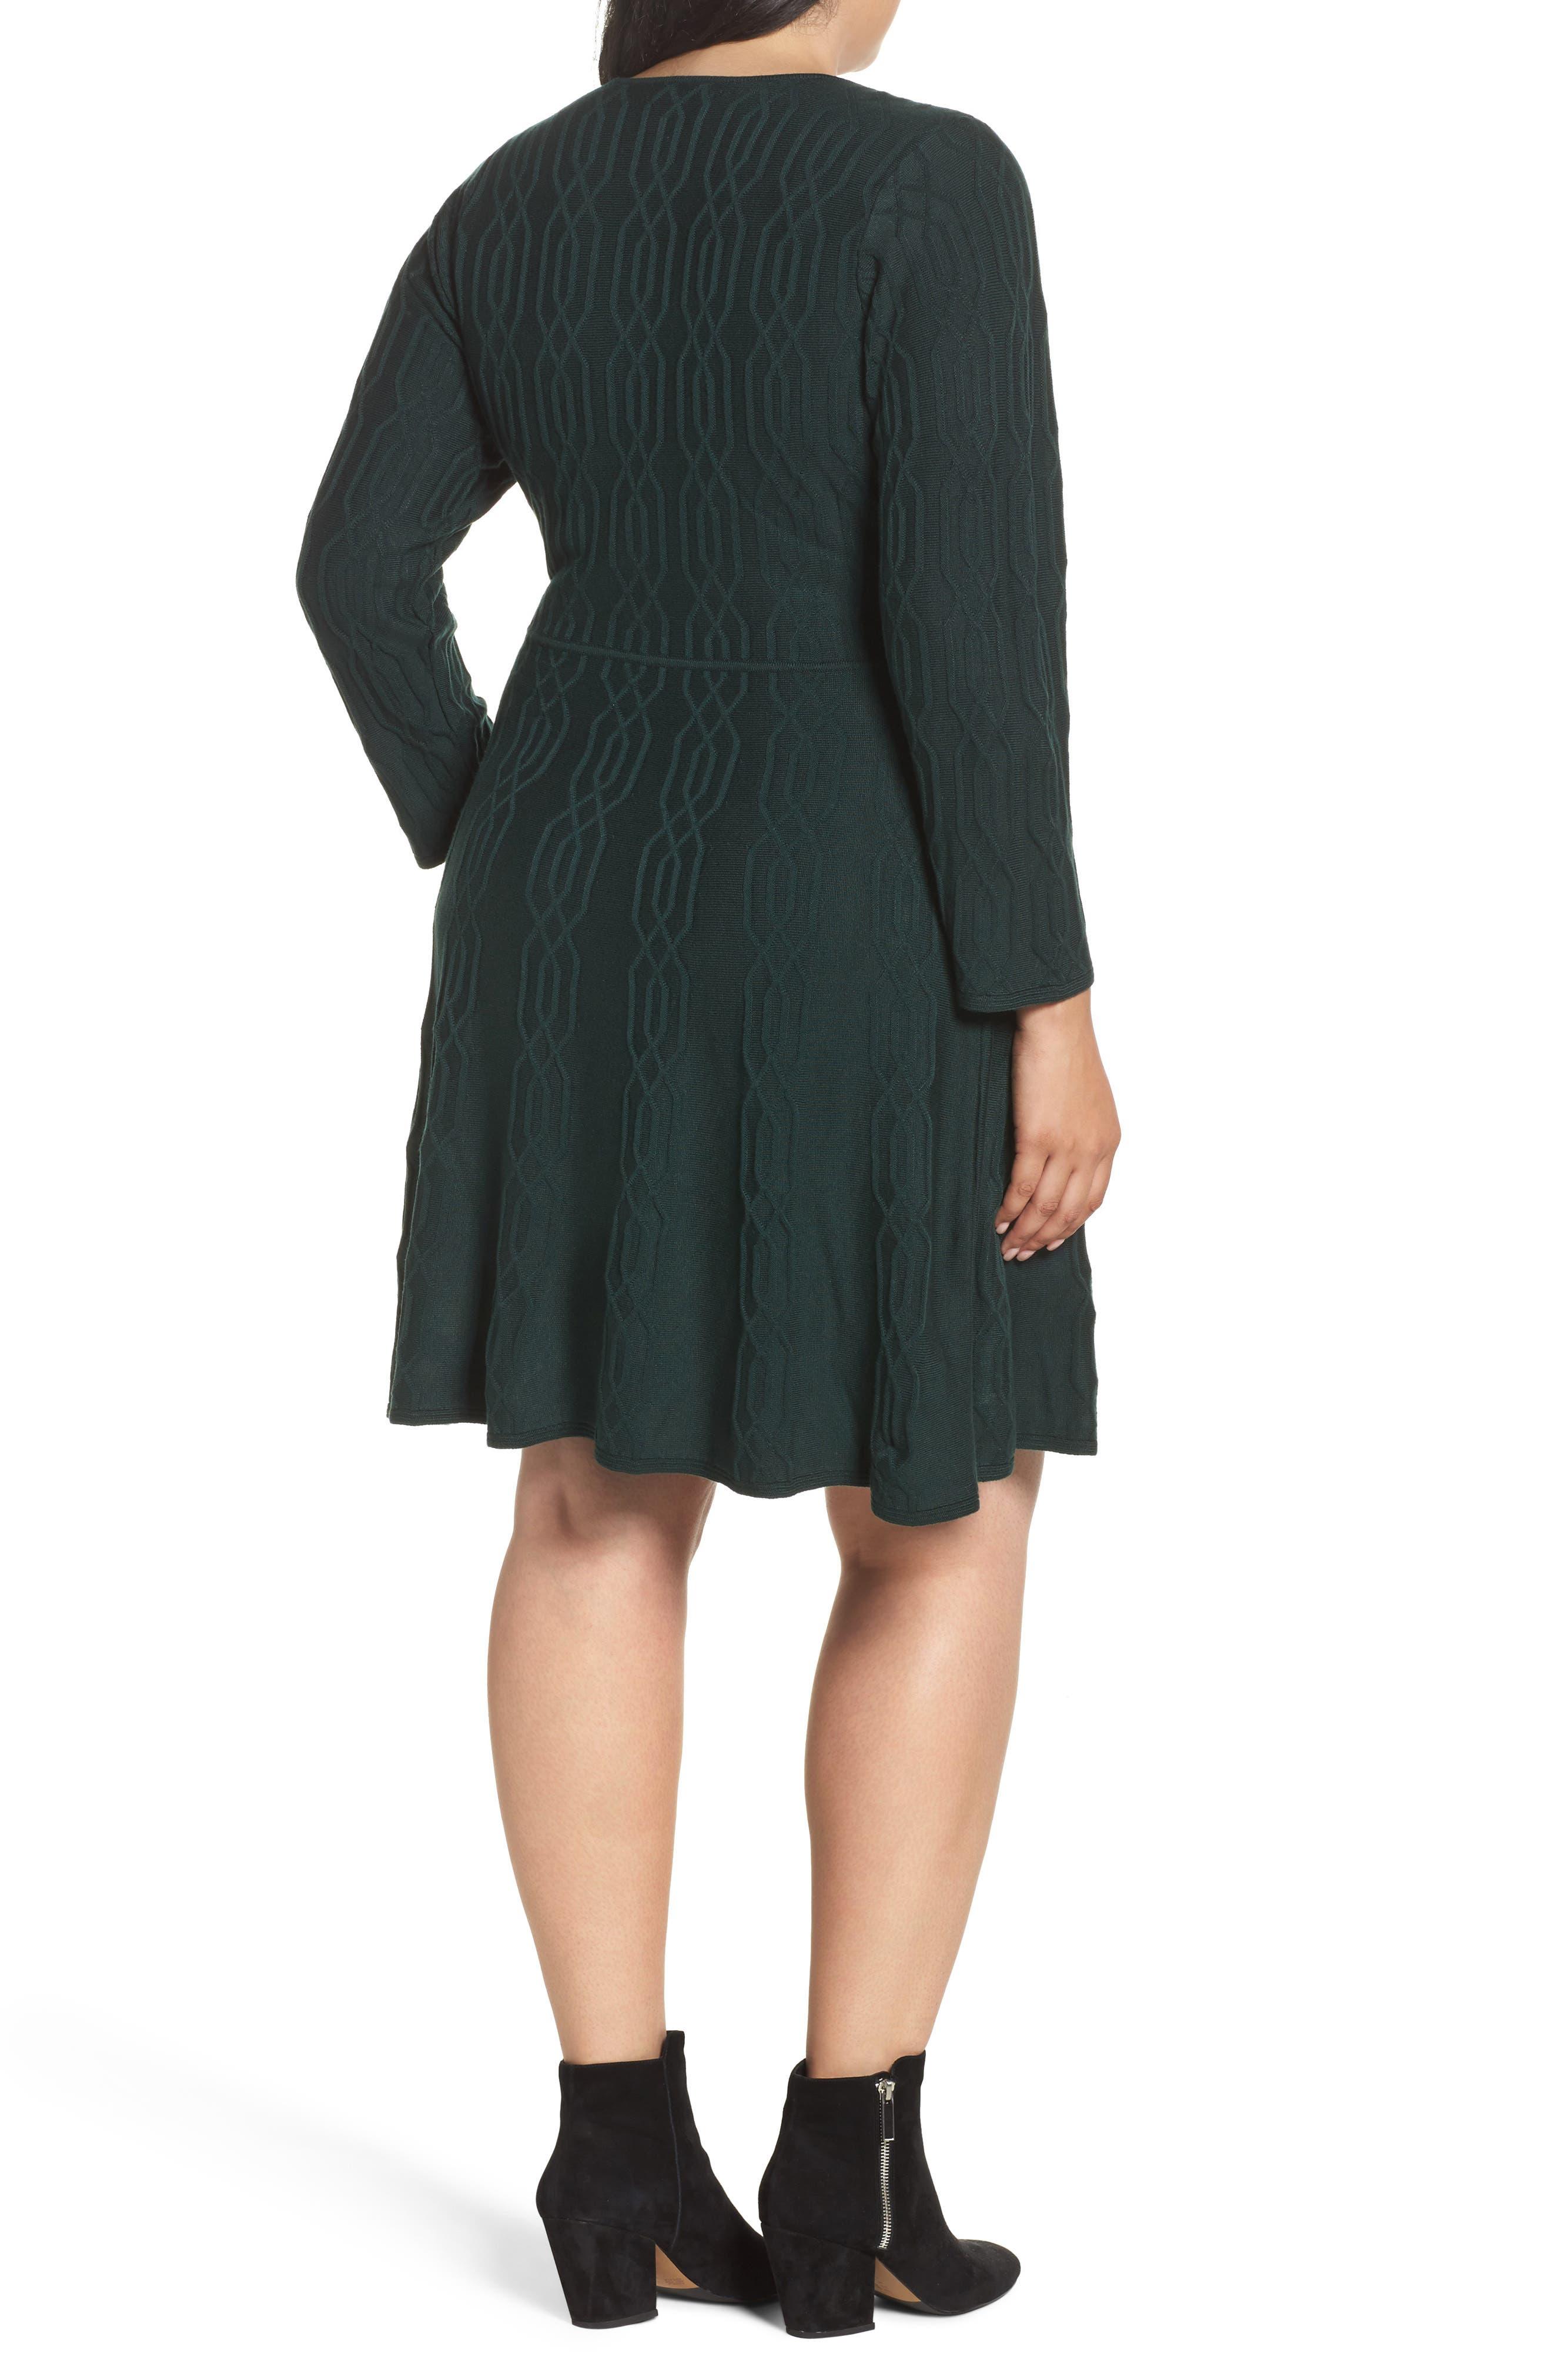 ELIZA J,                             Jacquard Knit Fit & Flare Dress,                             Alternate thumbnail 2, color,                             310